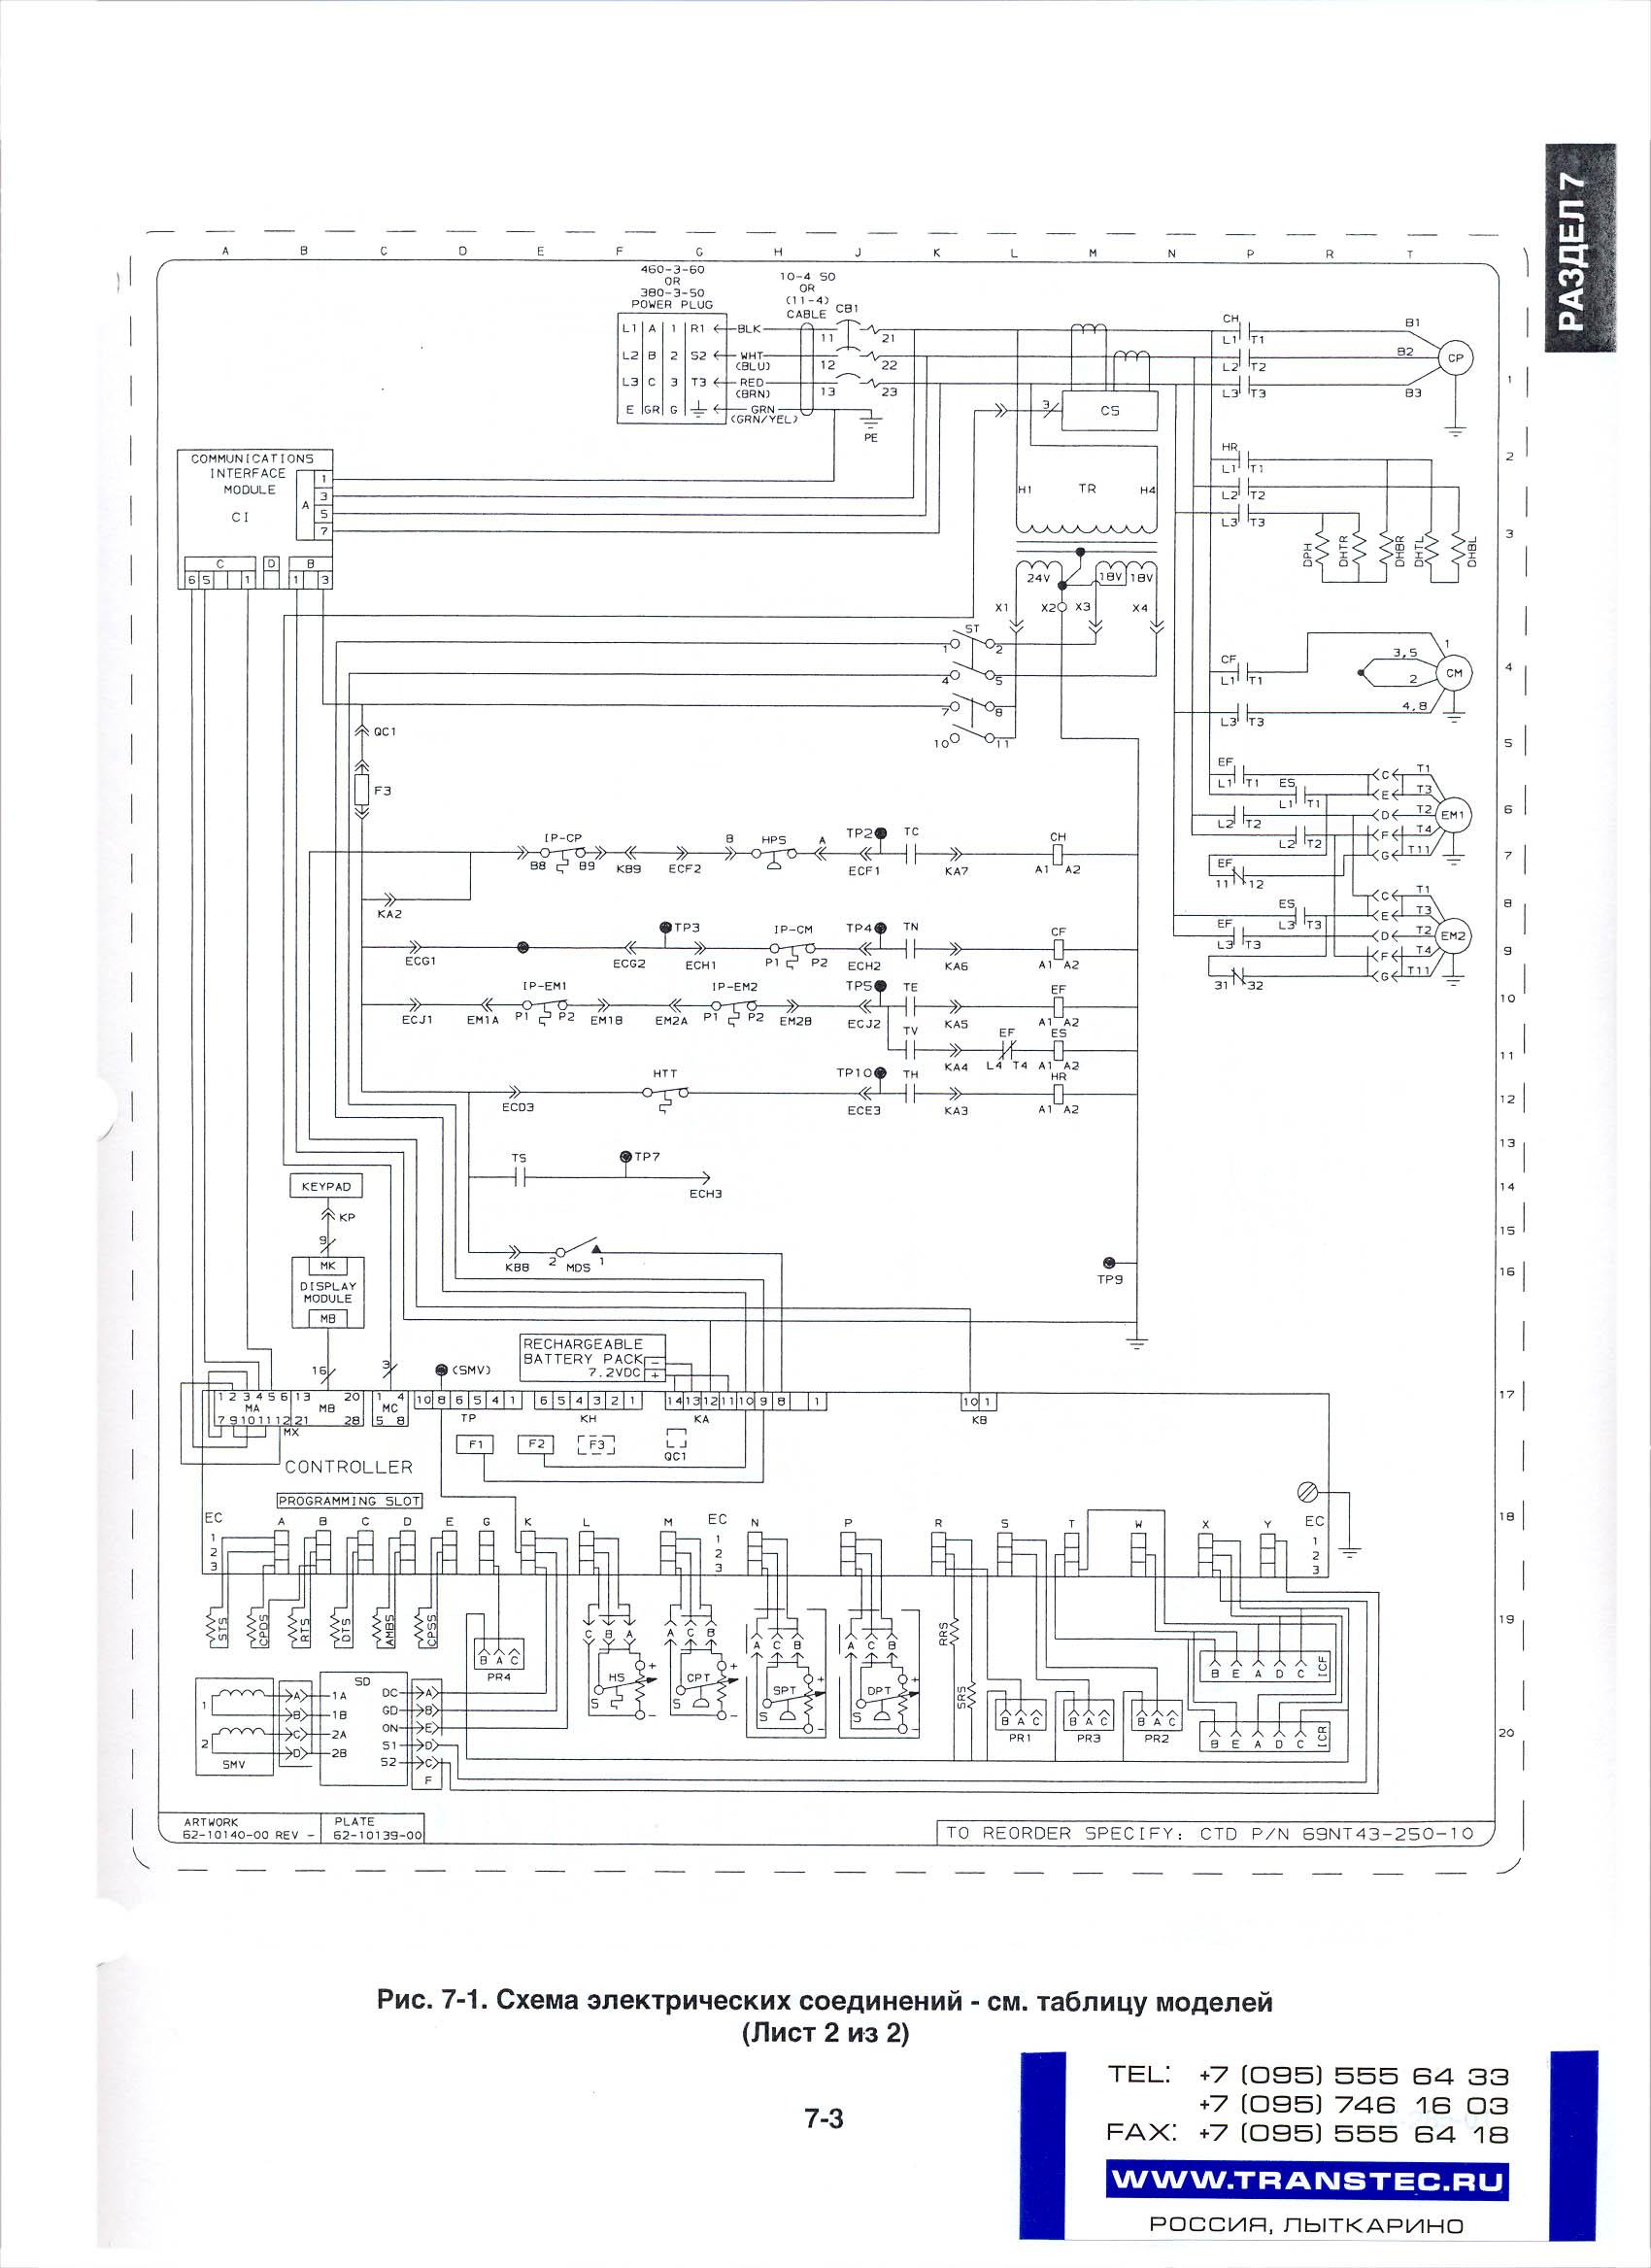 Электрические схемы с муфтами